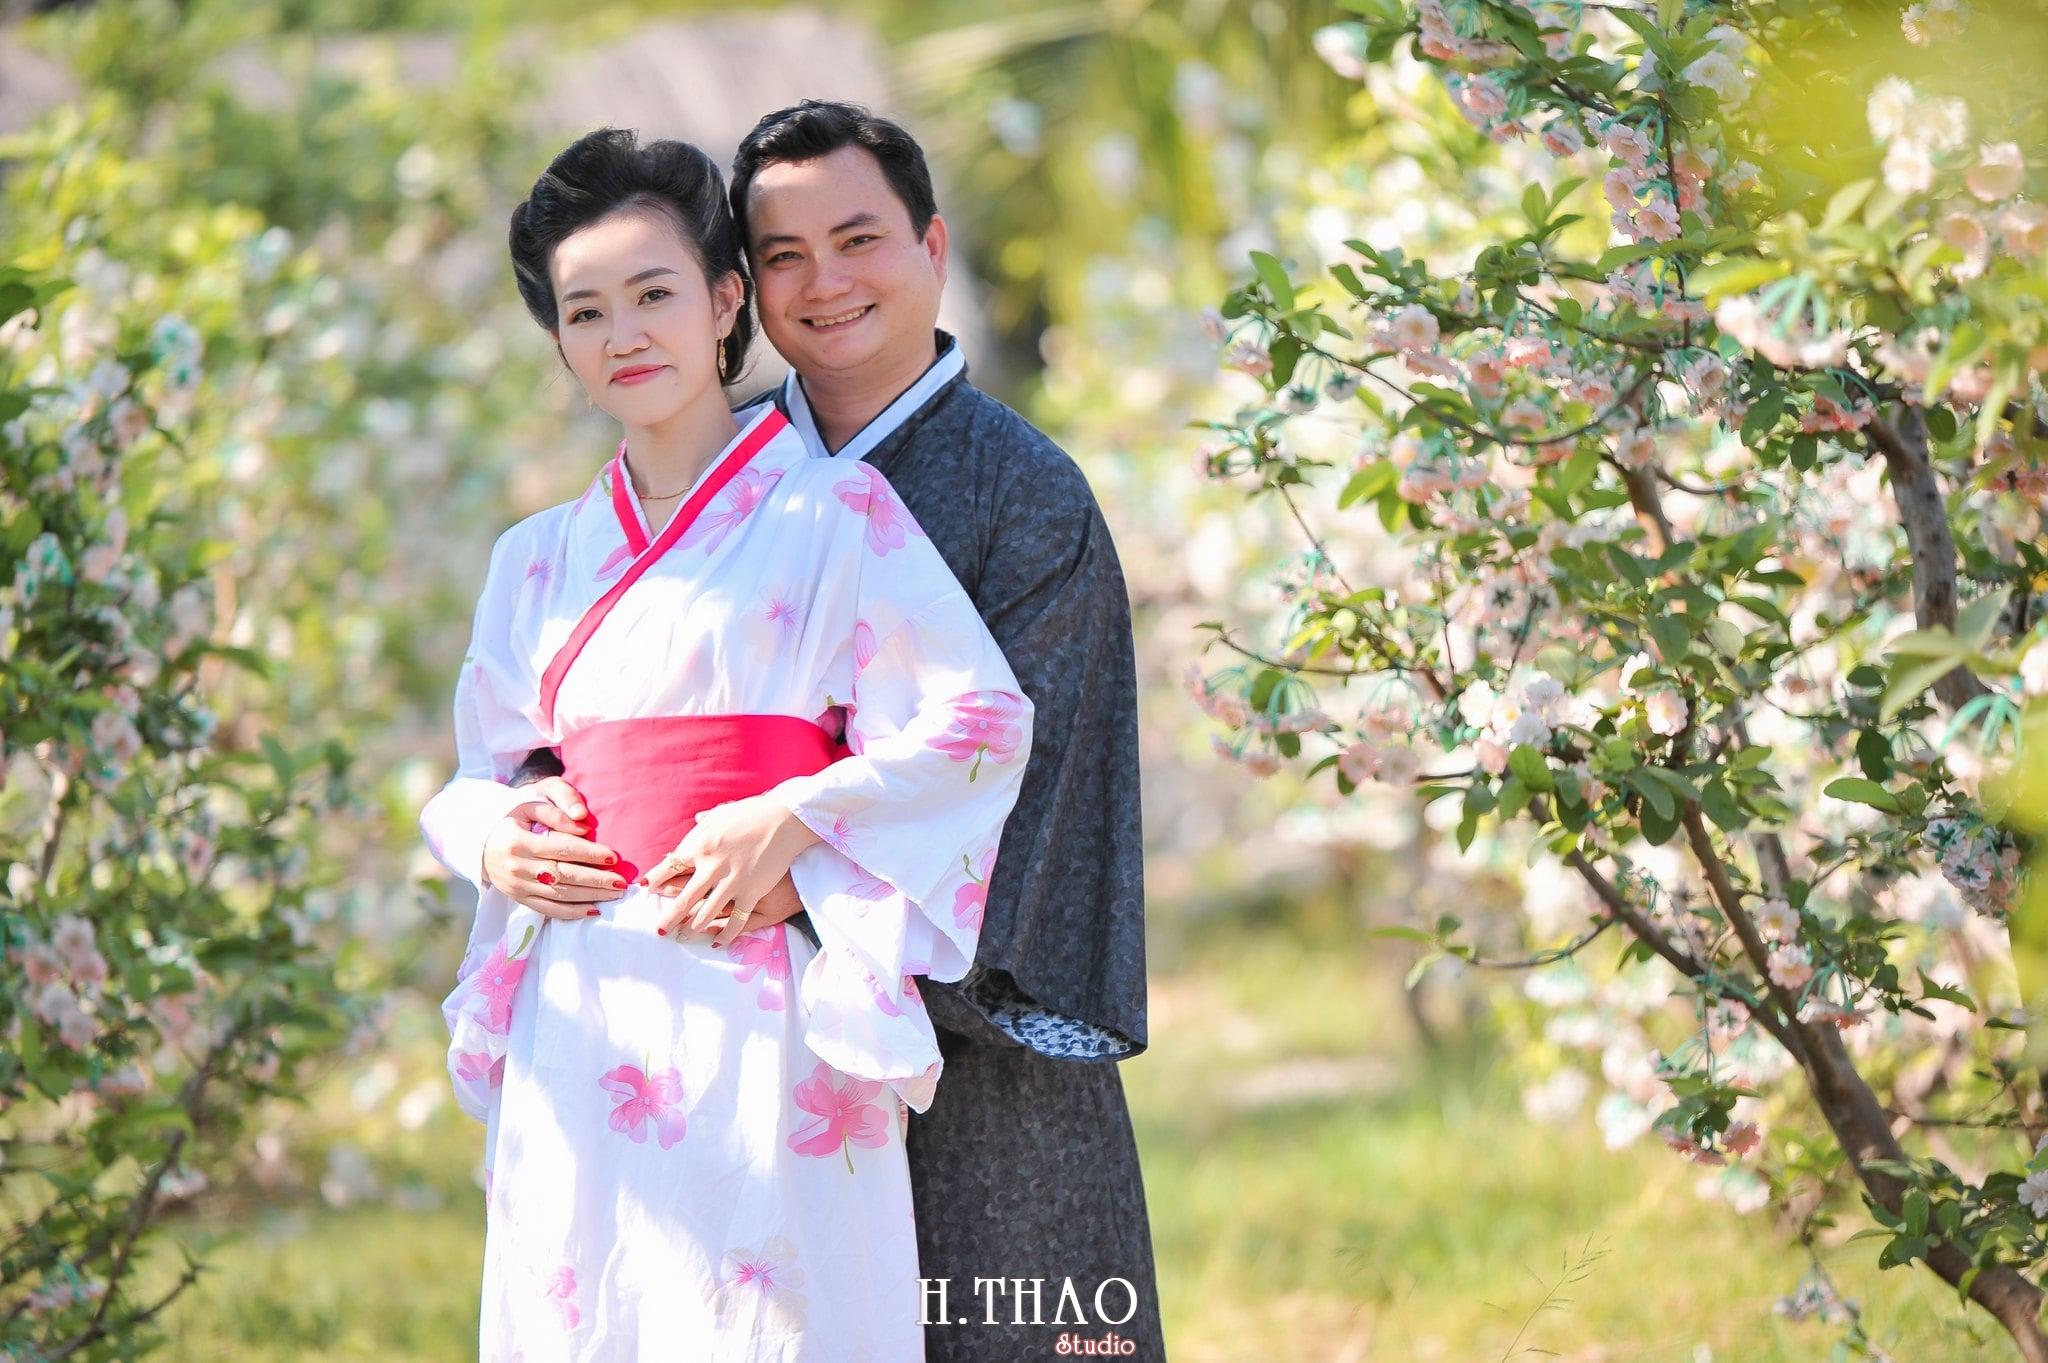 Anh chup voi Kimono 5 - Bộ ảnh couple chụp với Kimono theo phong cách Nhật Bản